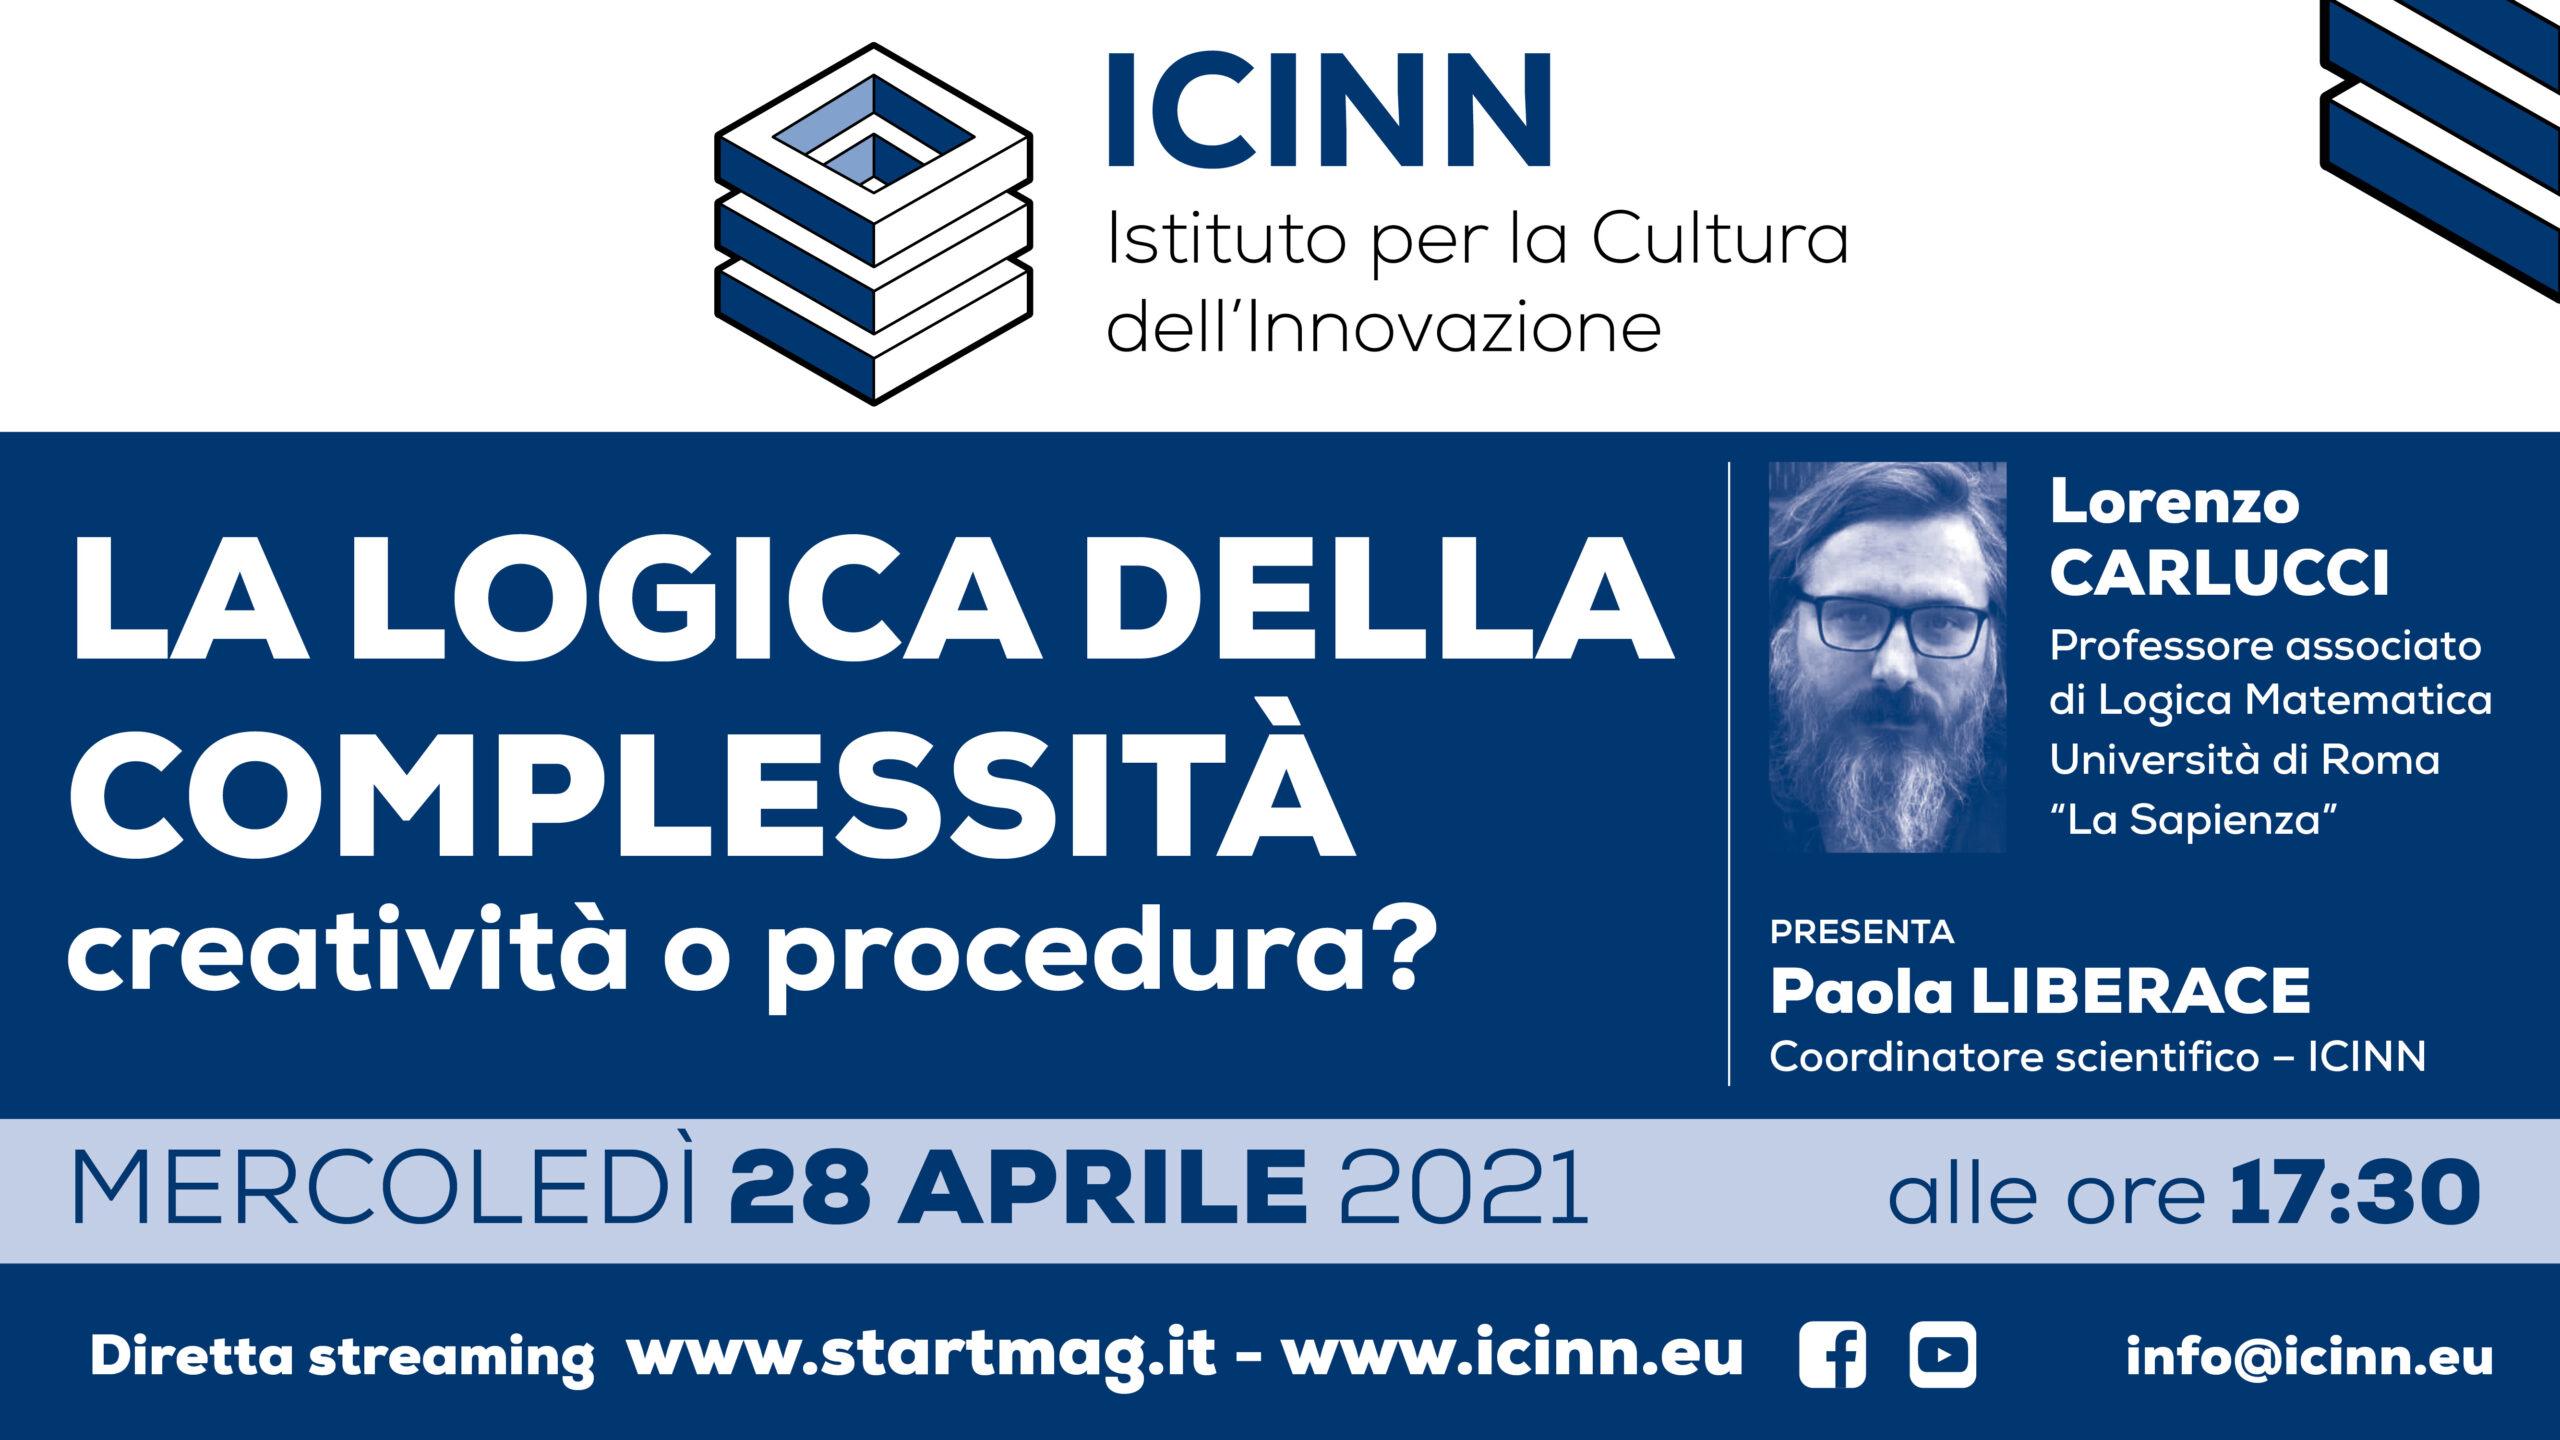 複雜性的邏輯:4月28日舉行的Icinn網絡研討會